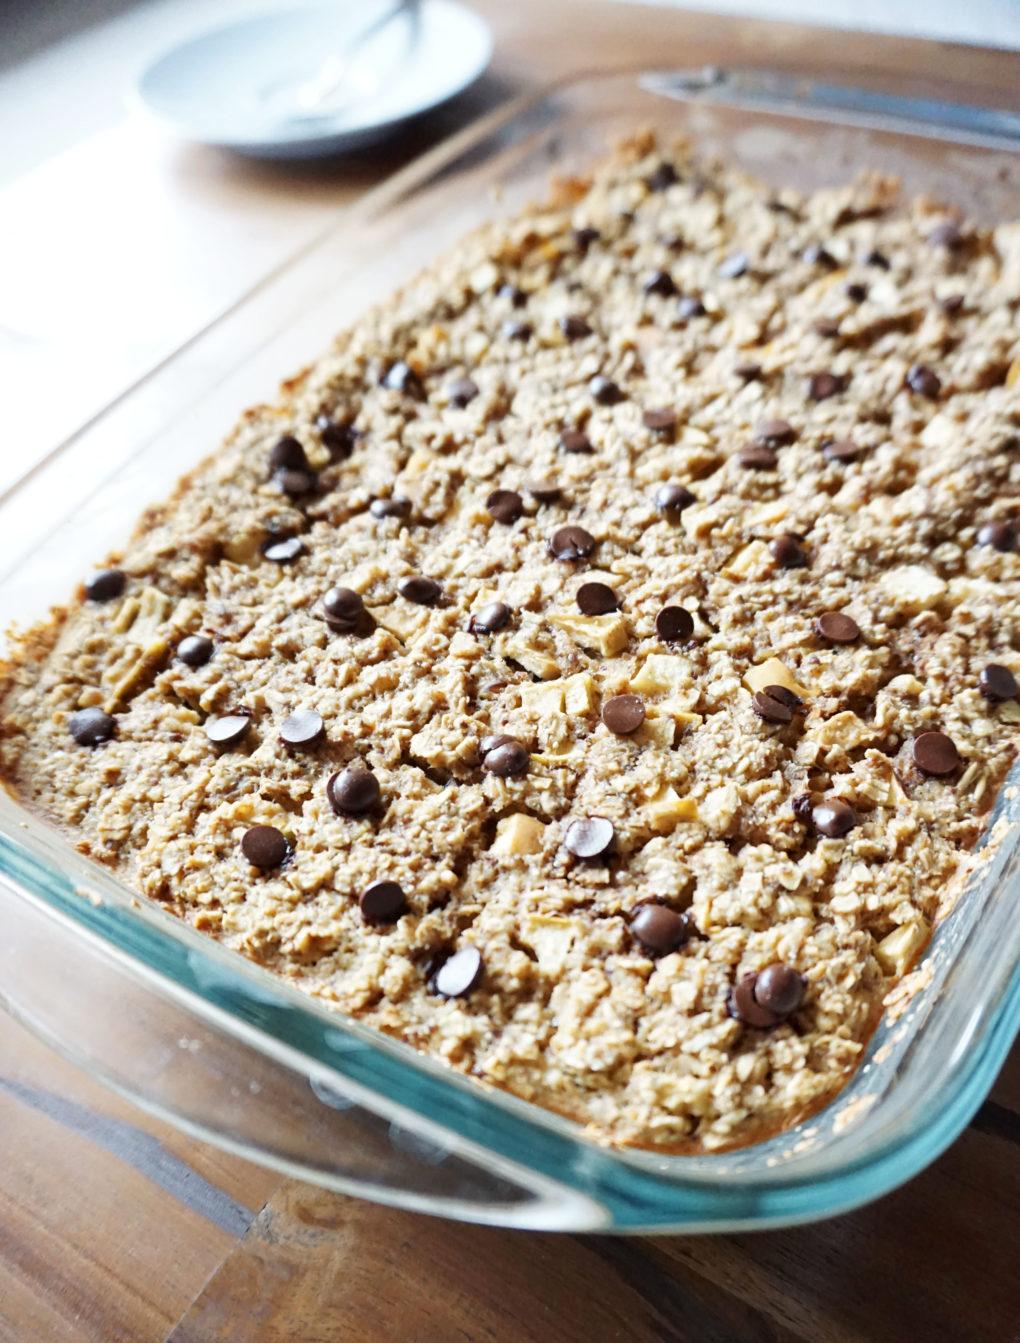 Gebackener Haferbrei - Baked Oatmeal - Frühstück zum Mitnehmen